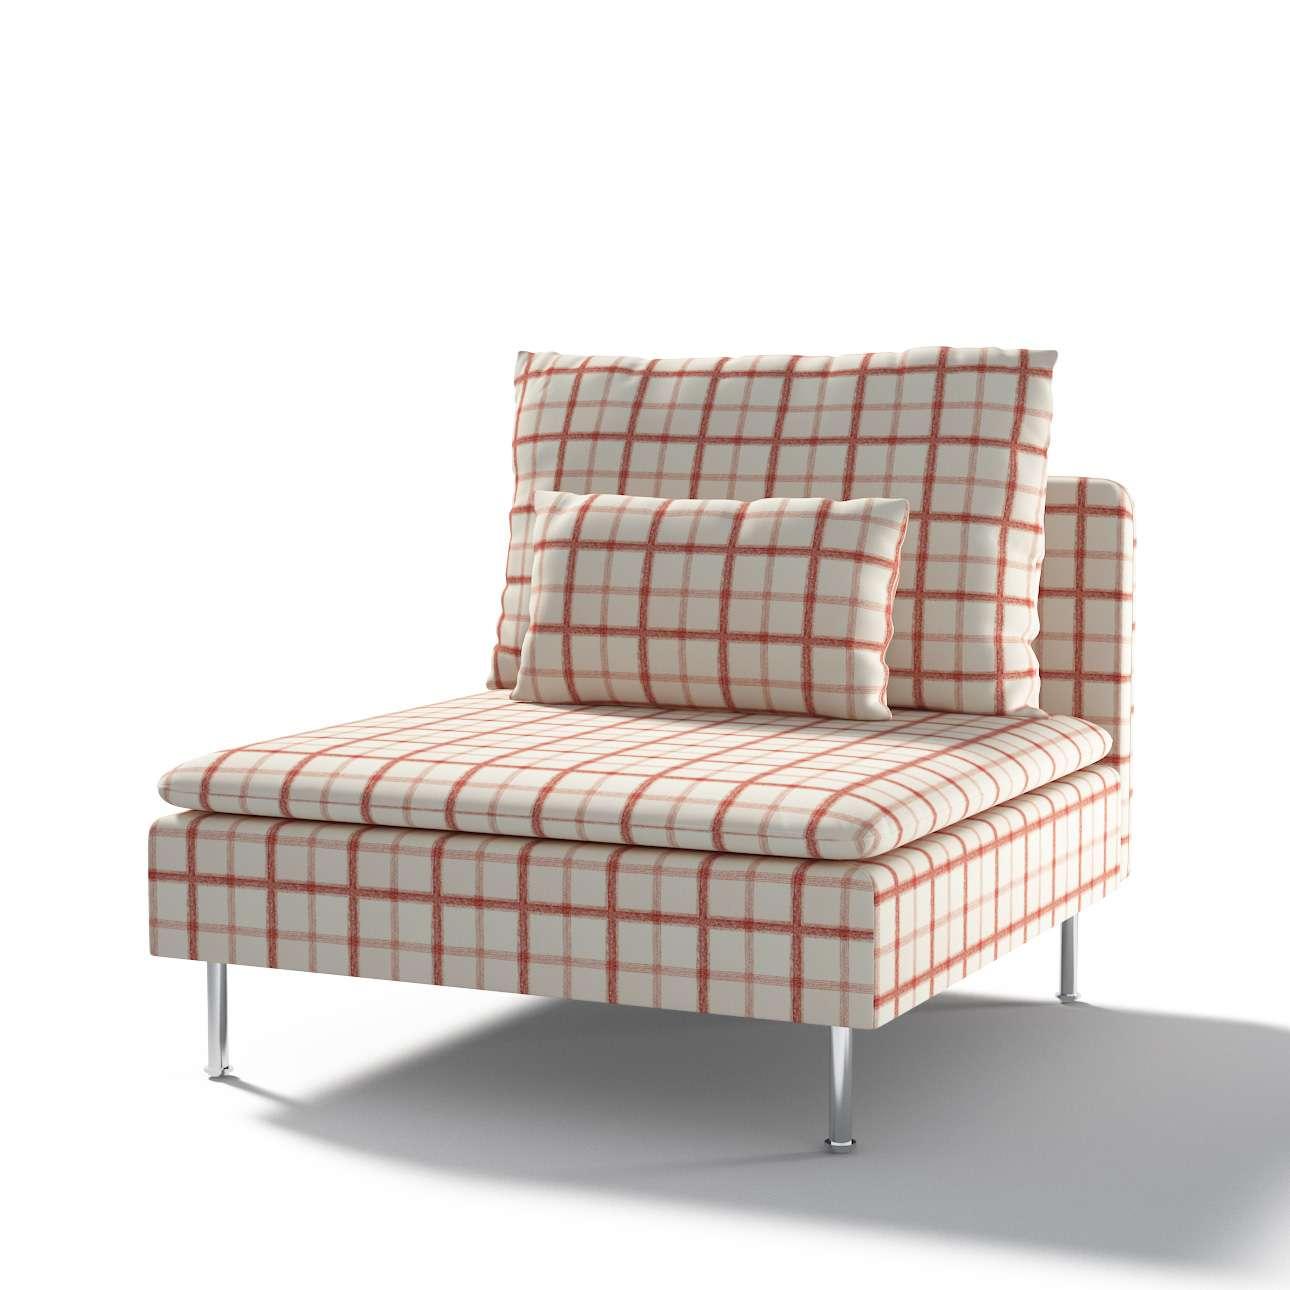 Söderhamn Bezug für Sitzelement 1 Sitzelement 1 von der Kollektion Avinon, Stoff: 131-15